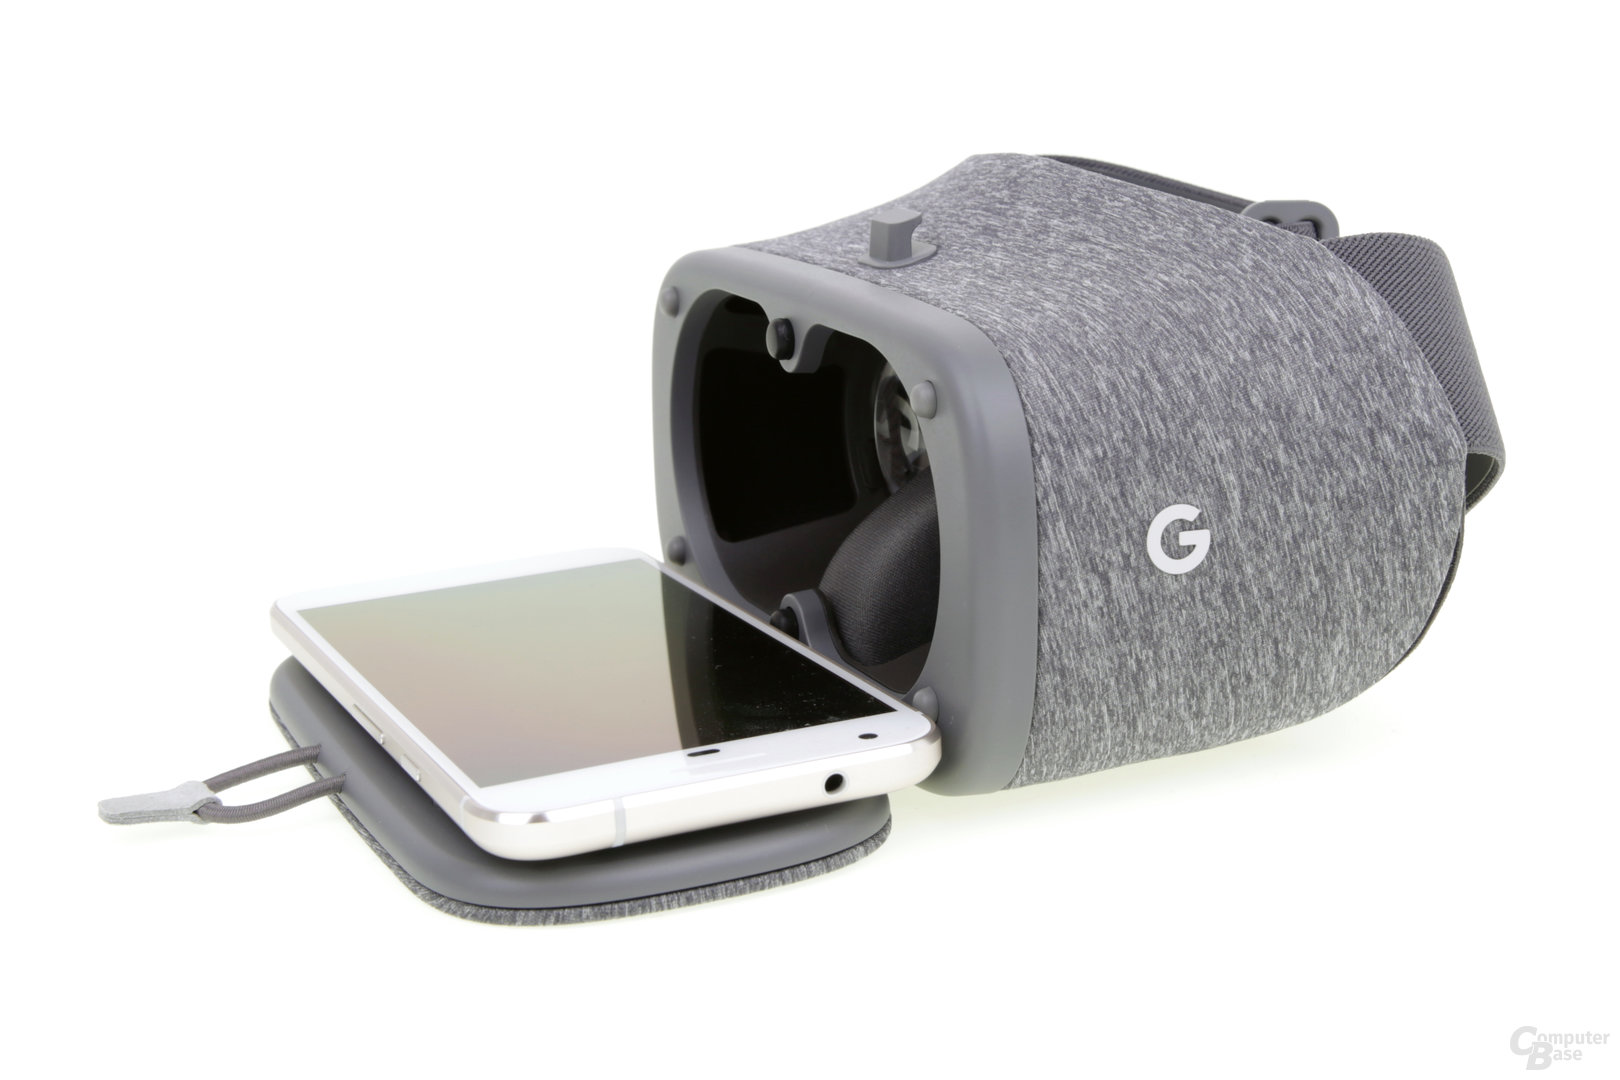 Per NFC im Deckel erkennt das Smartphone die Brille